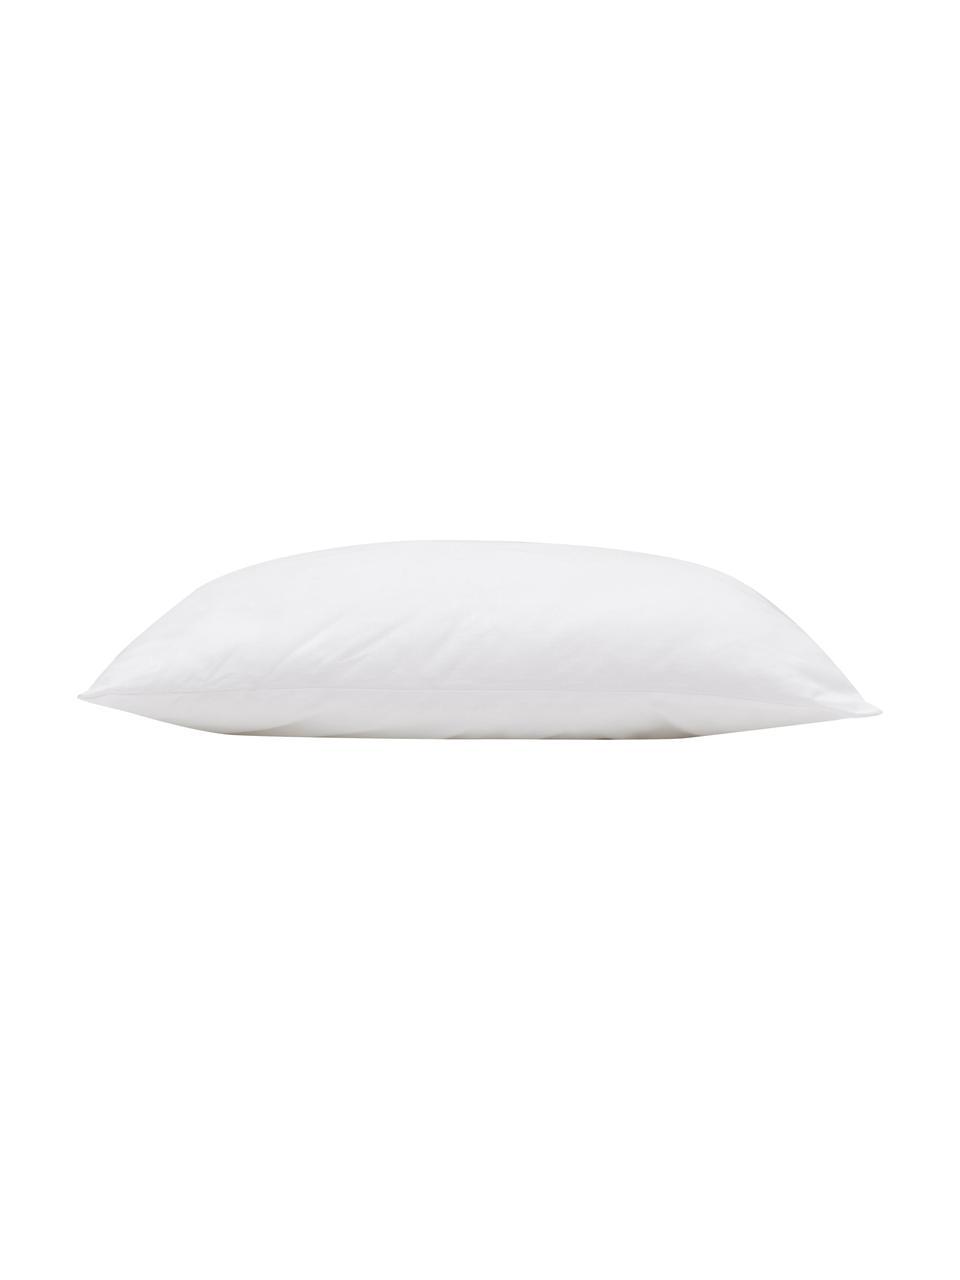 Wkład do poduszki z mikrofibry Sia, 50x50, Biały, S 50 x D 50 cm